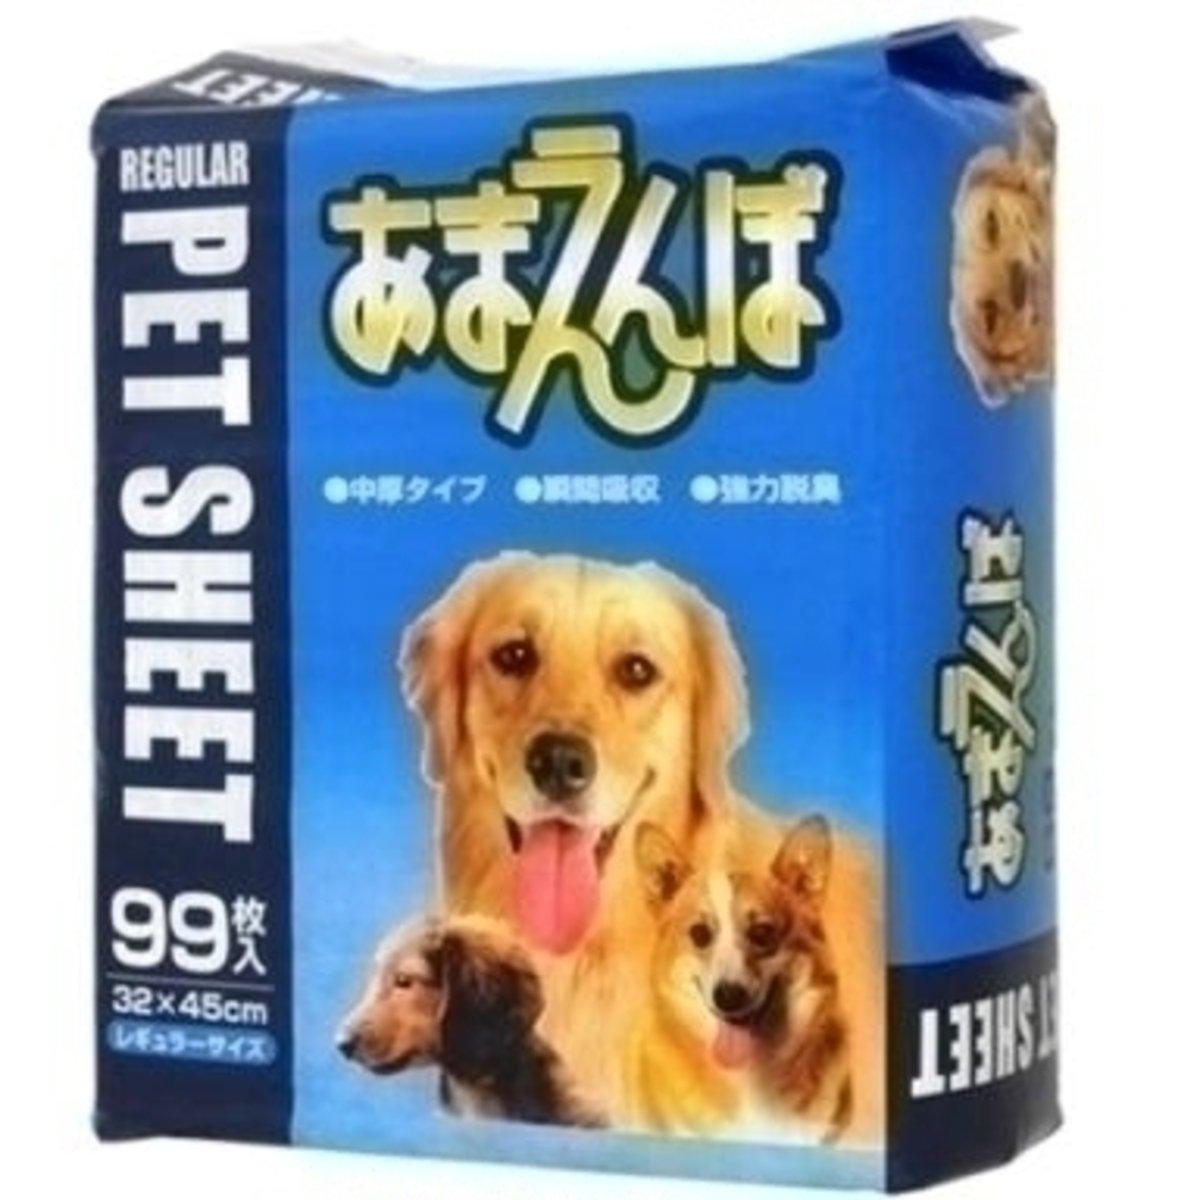 日本 KPG 寵物尿片99片裝 - 32x45cm